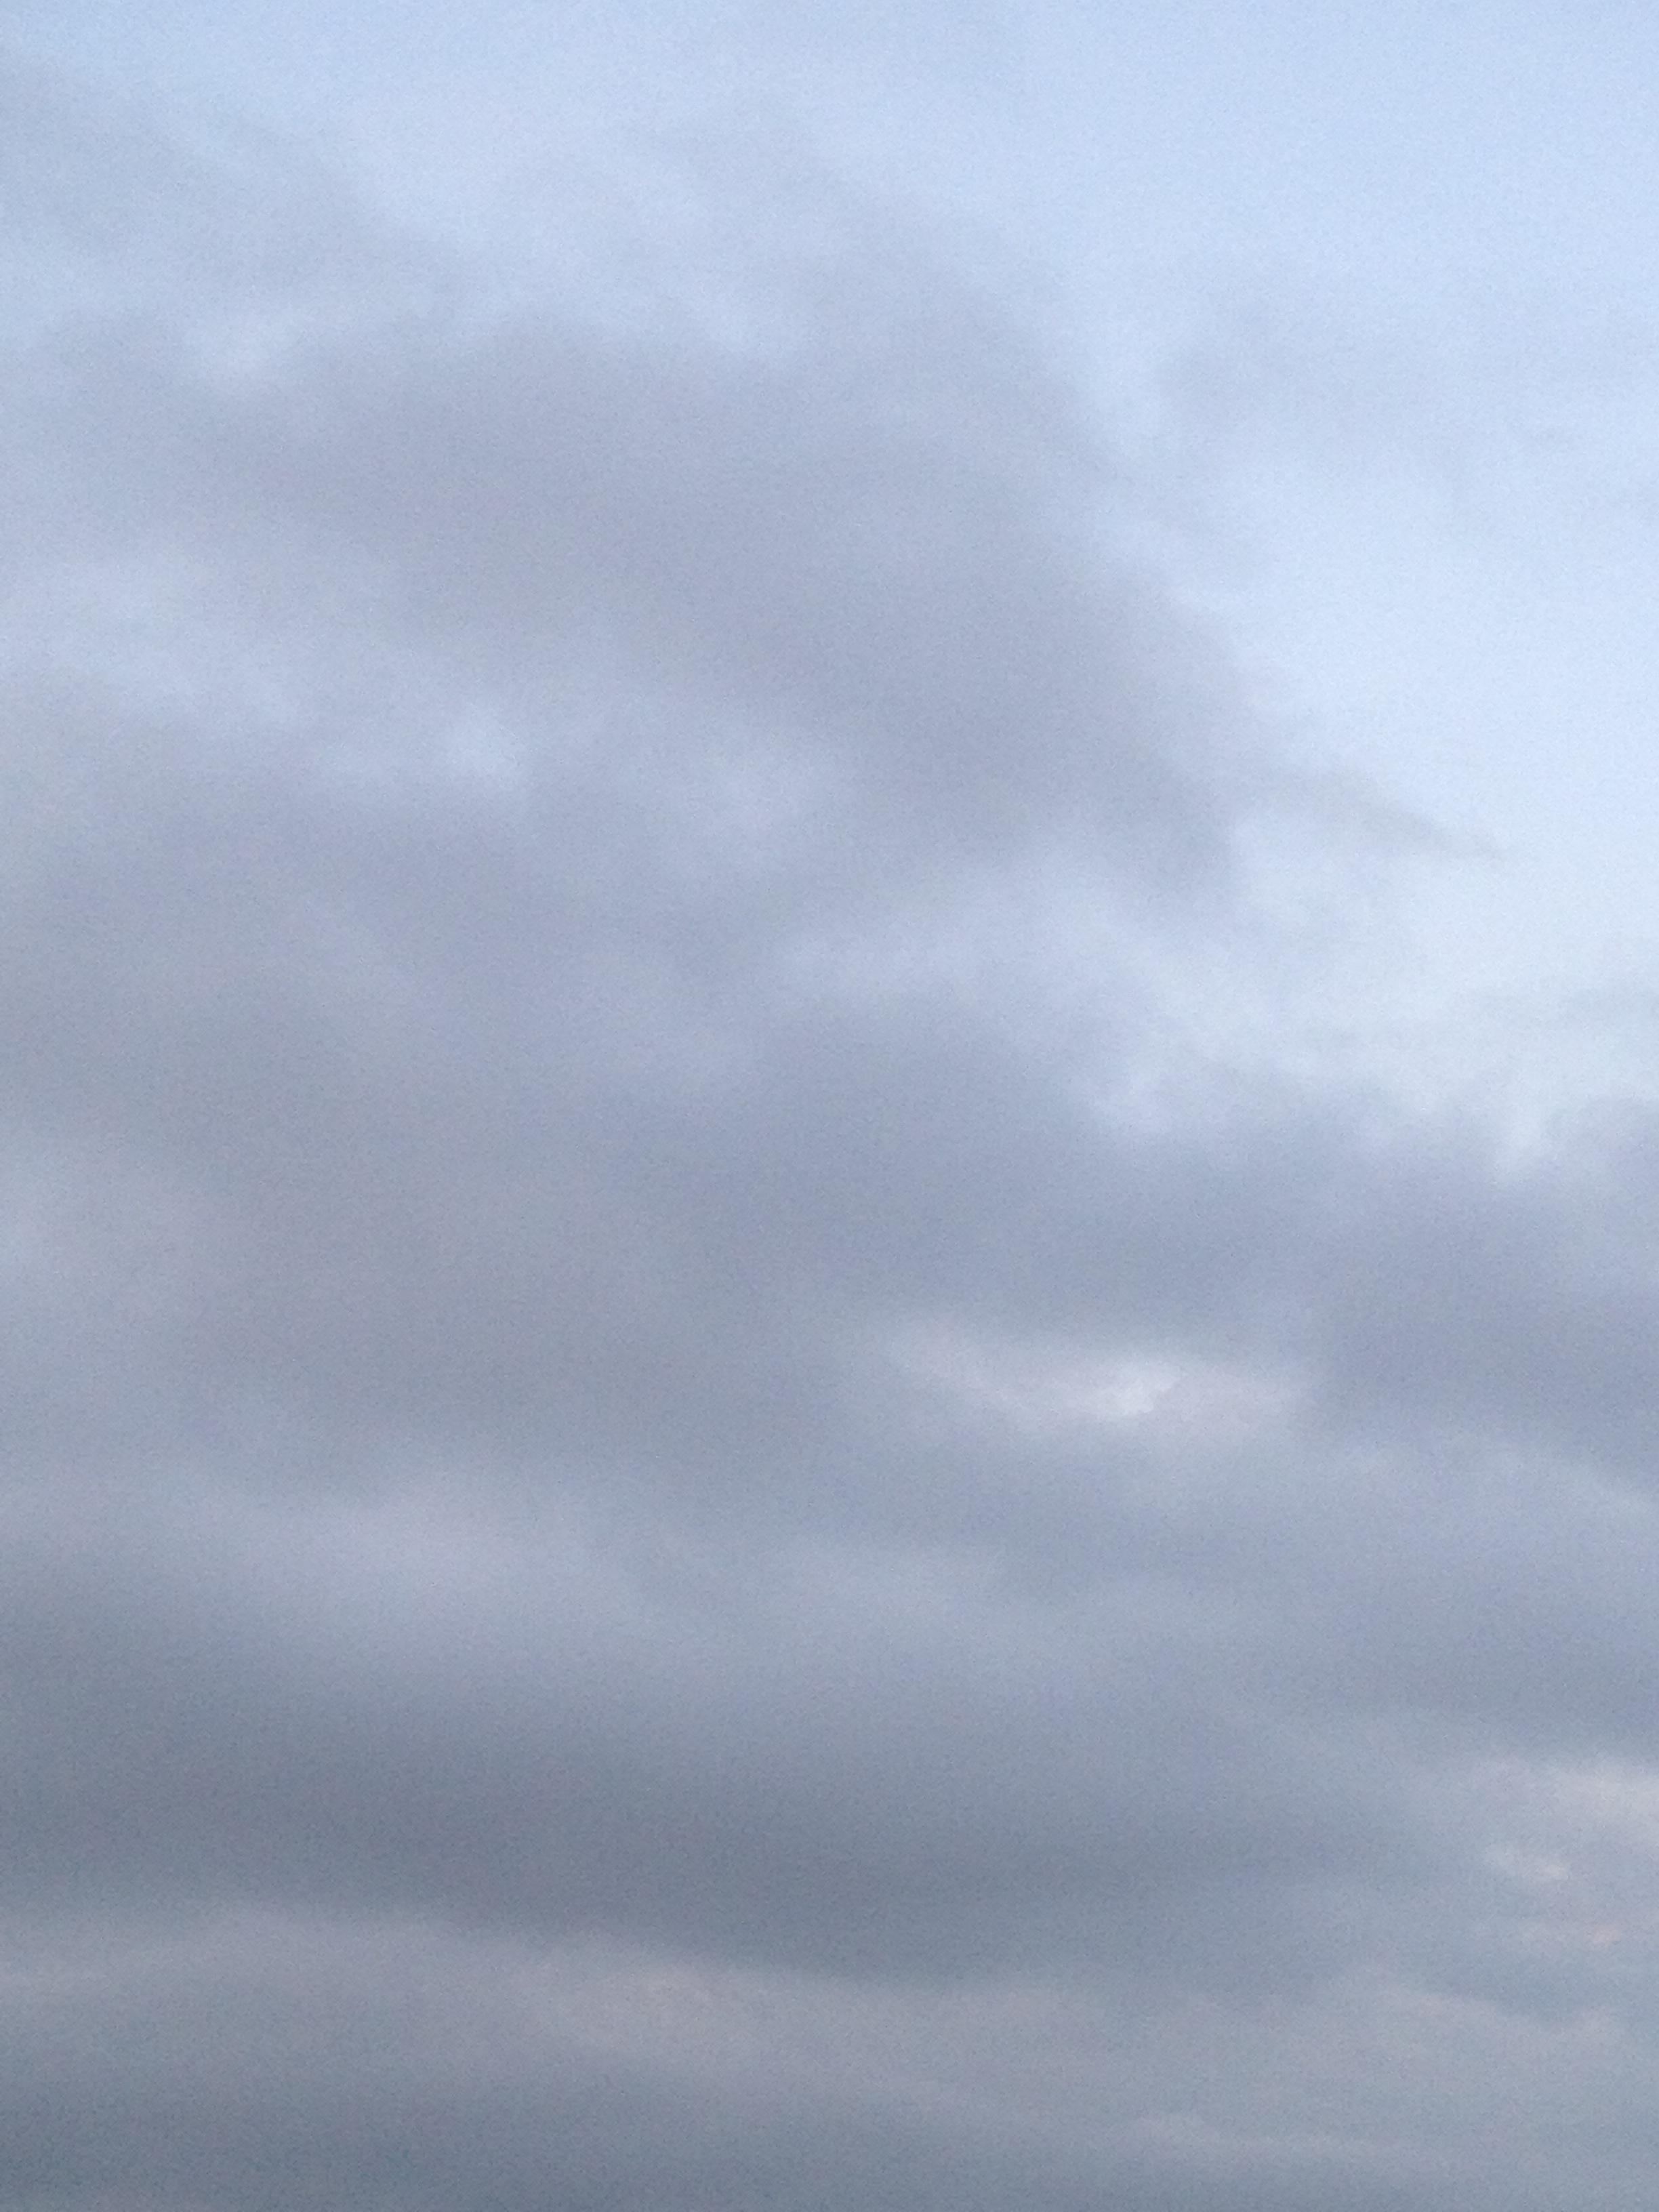 夕方に灰色の雲